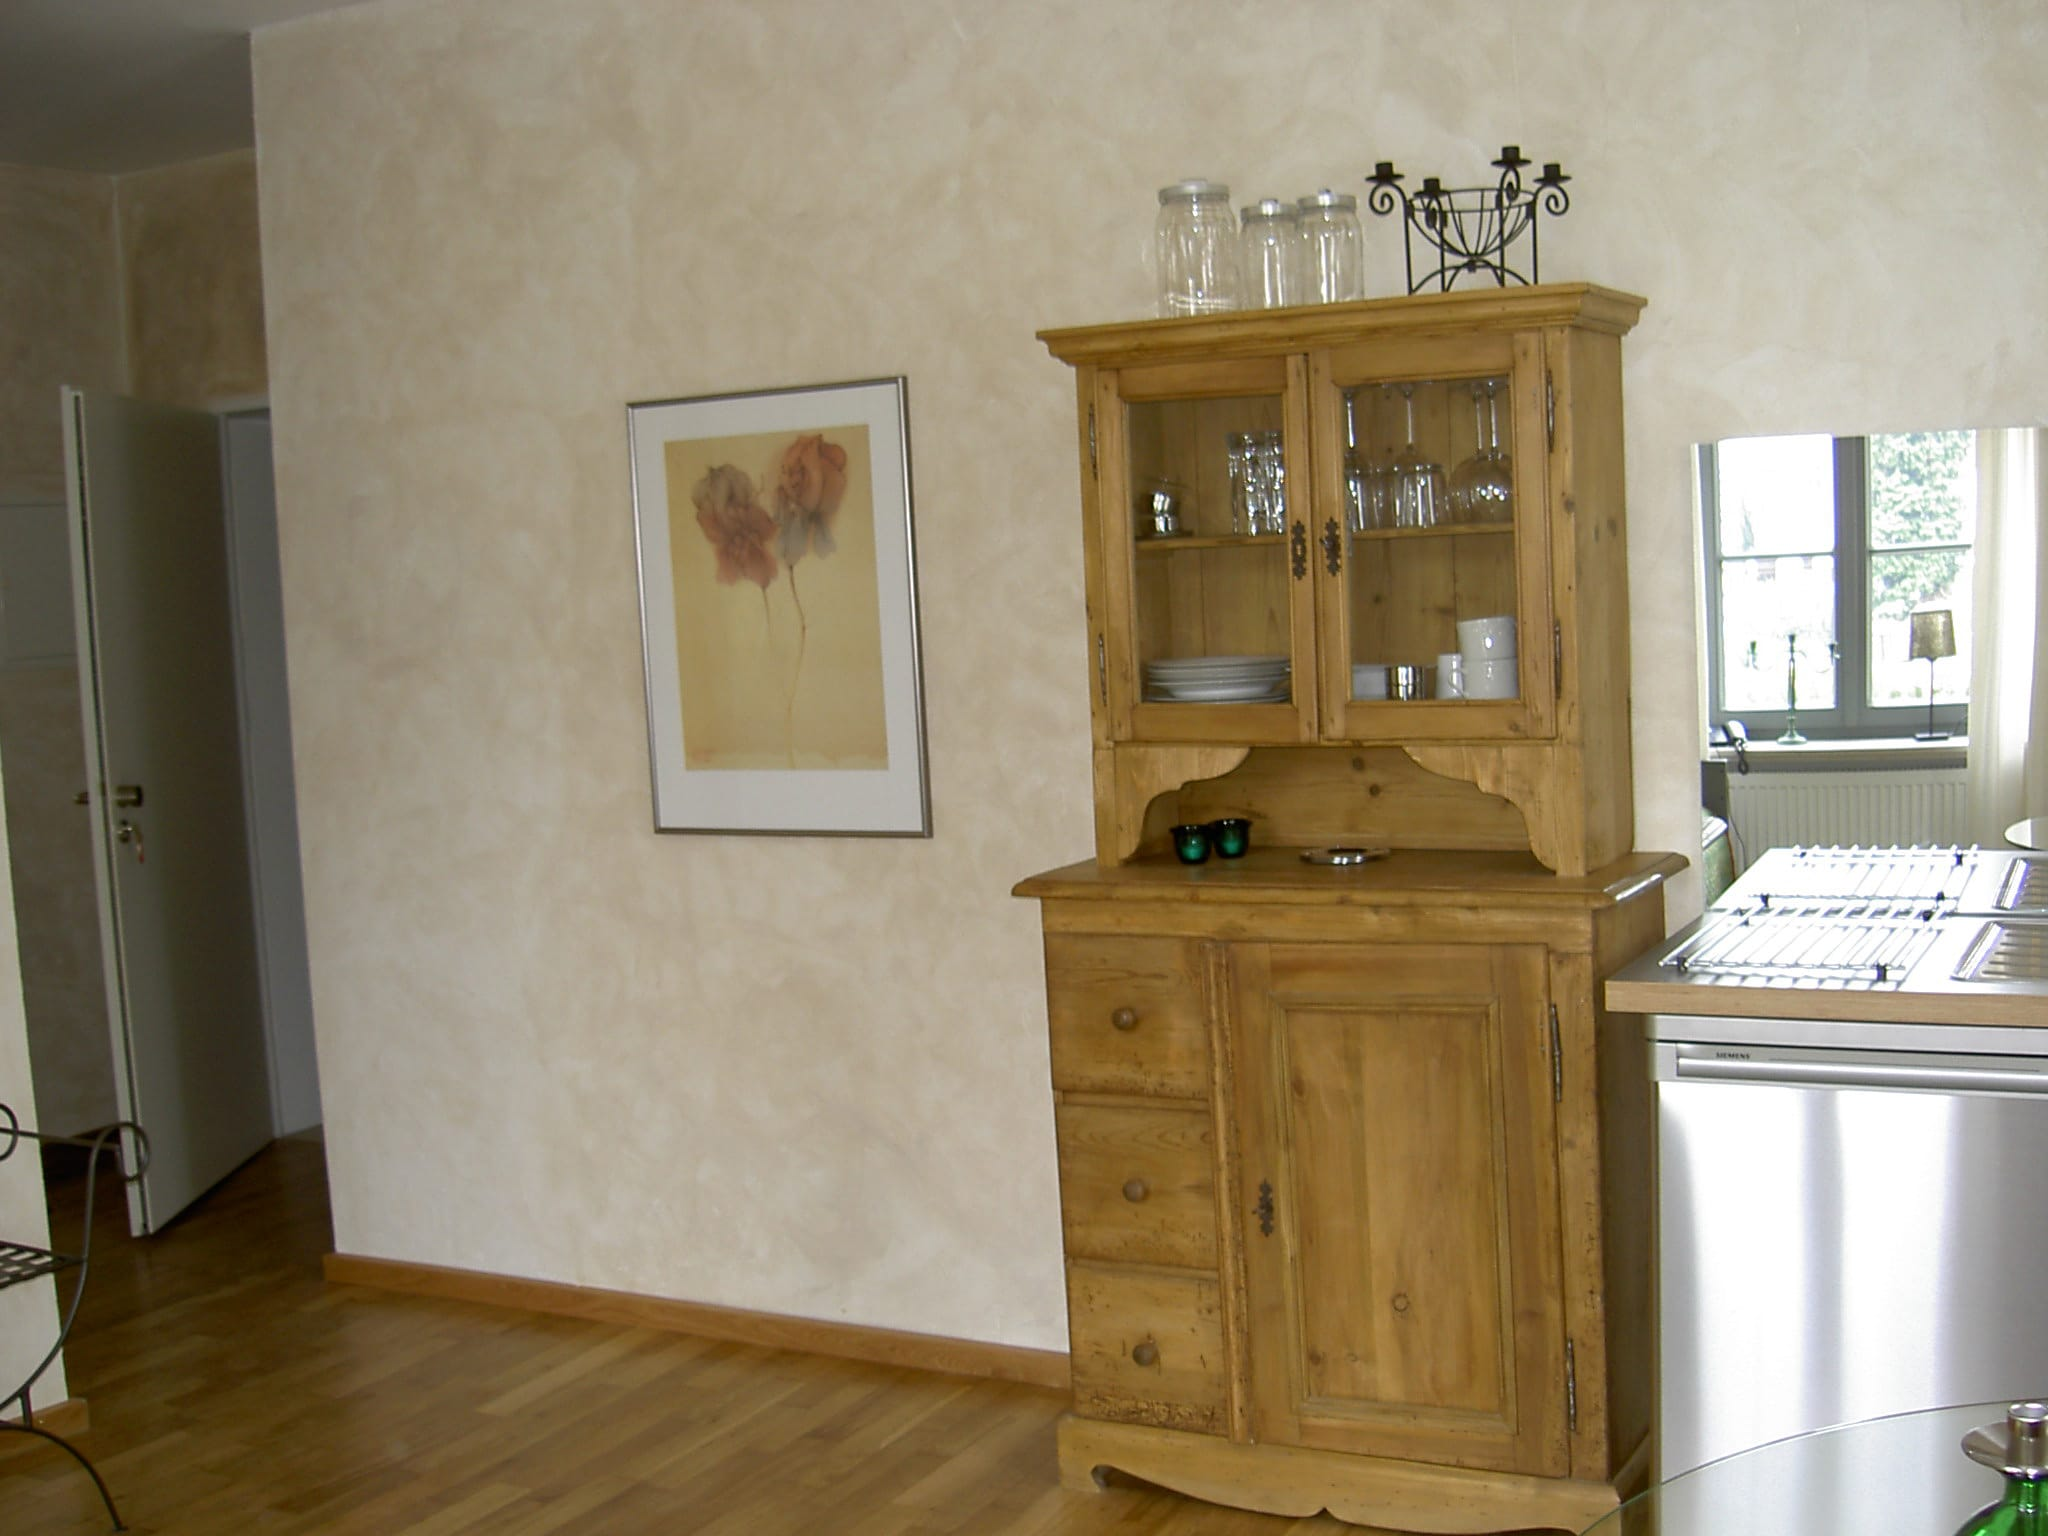 weitzel-boardinghouse-appart-fiedrichsstrasse-og-06